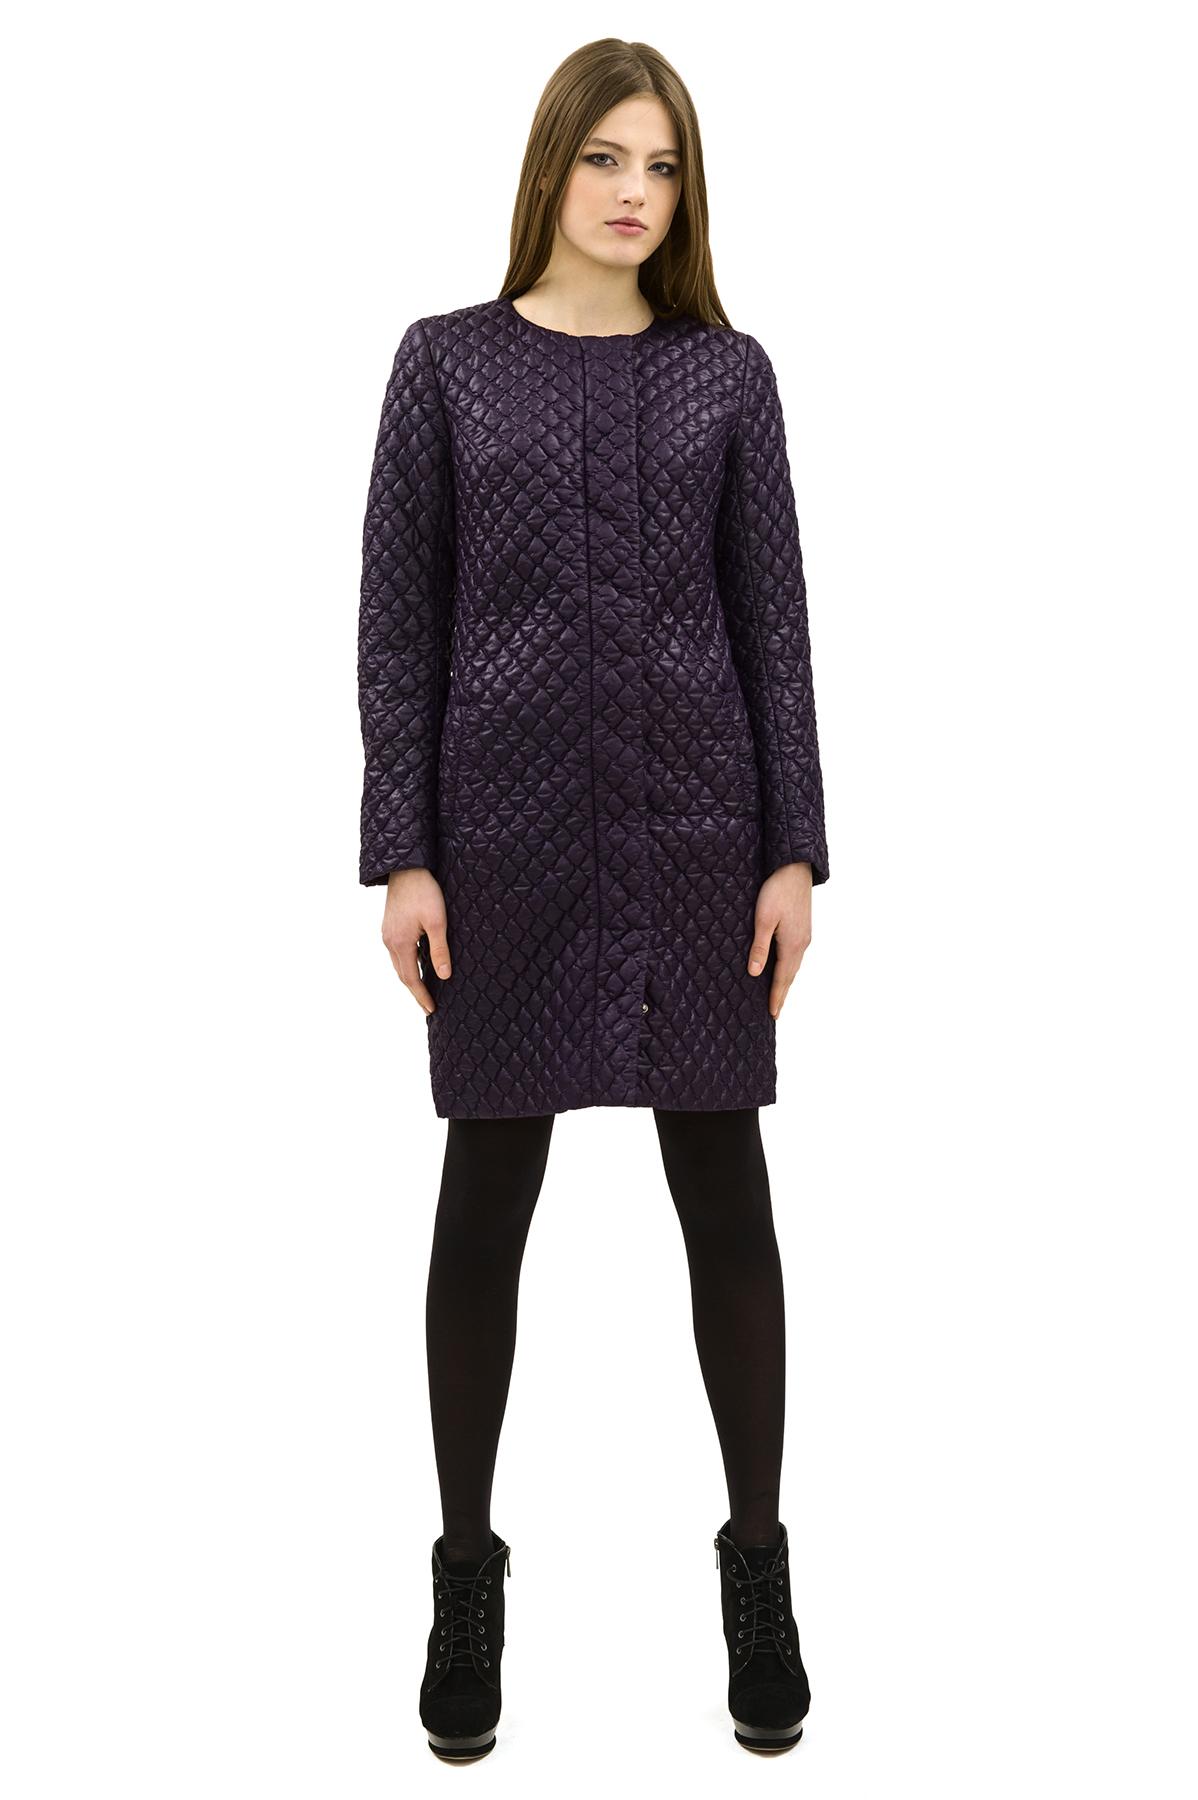 ПальтоЖенские куртки, плащи, пальто<br>Bосхитительный вариант для тех, кто предпочитает стильные решения - элегантное пальтоDoctor Eсдержанного модного дизайна, который подчеркнет Ваш безупречный вкус.<br><br>Цвет: фиолетовый<br>Состав: 100% полиэстер, подкладка- 100% полиэстер<br>Размер: 40,42,44,48,54,56,58,60<br>Страна дизайна: Россия<br>Страна производства: Россия